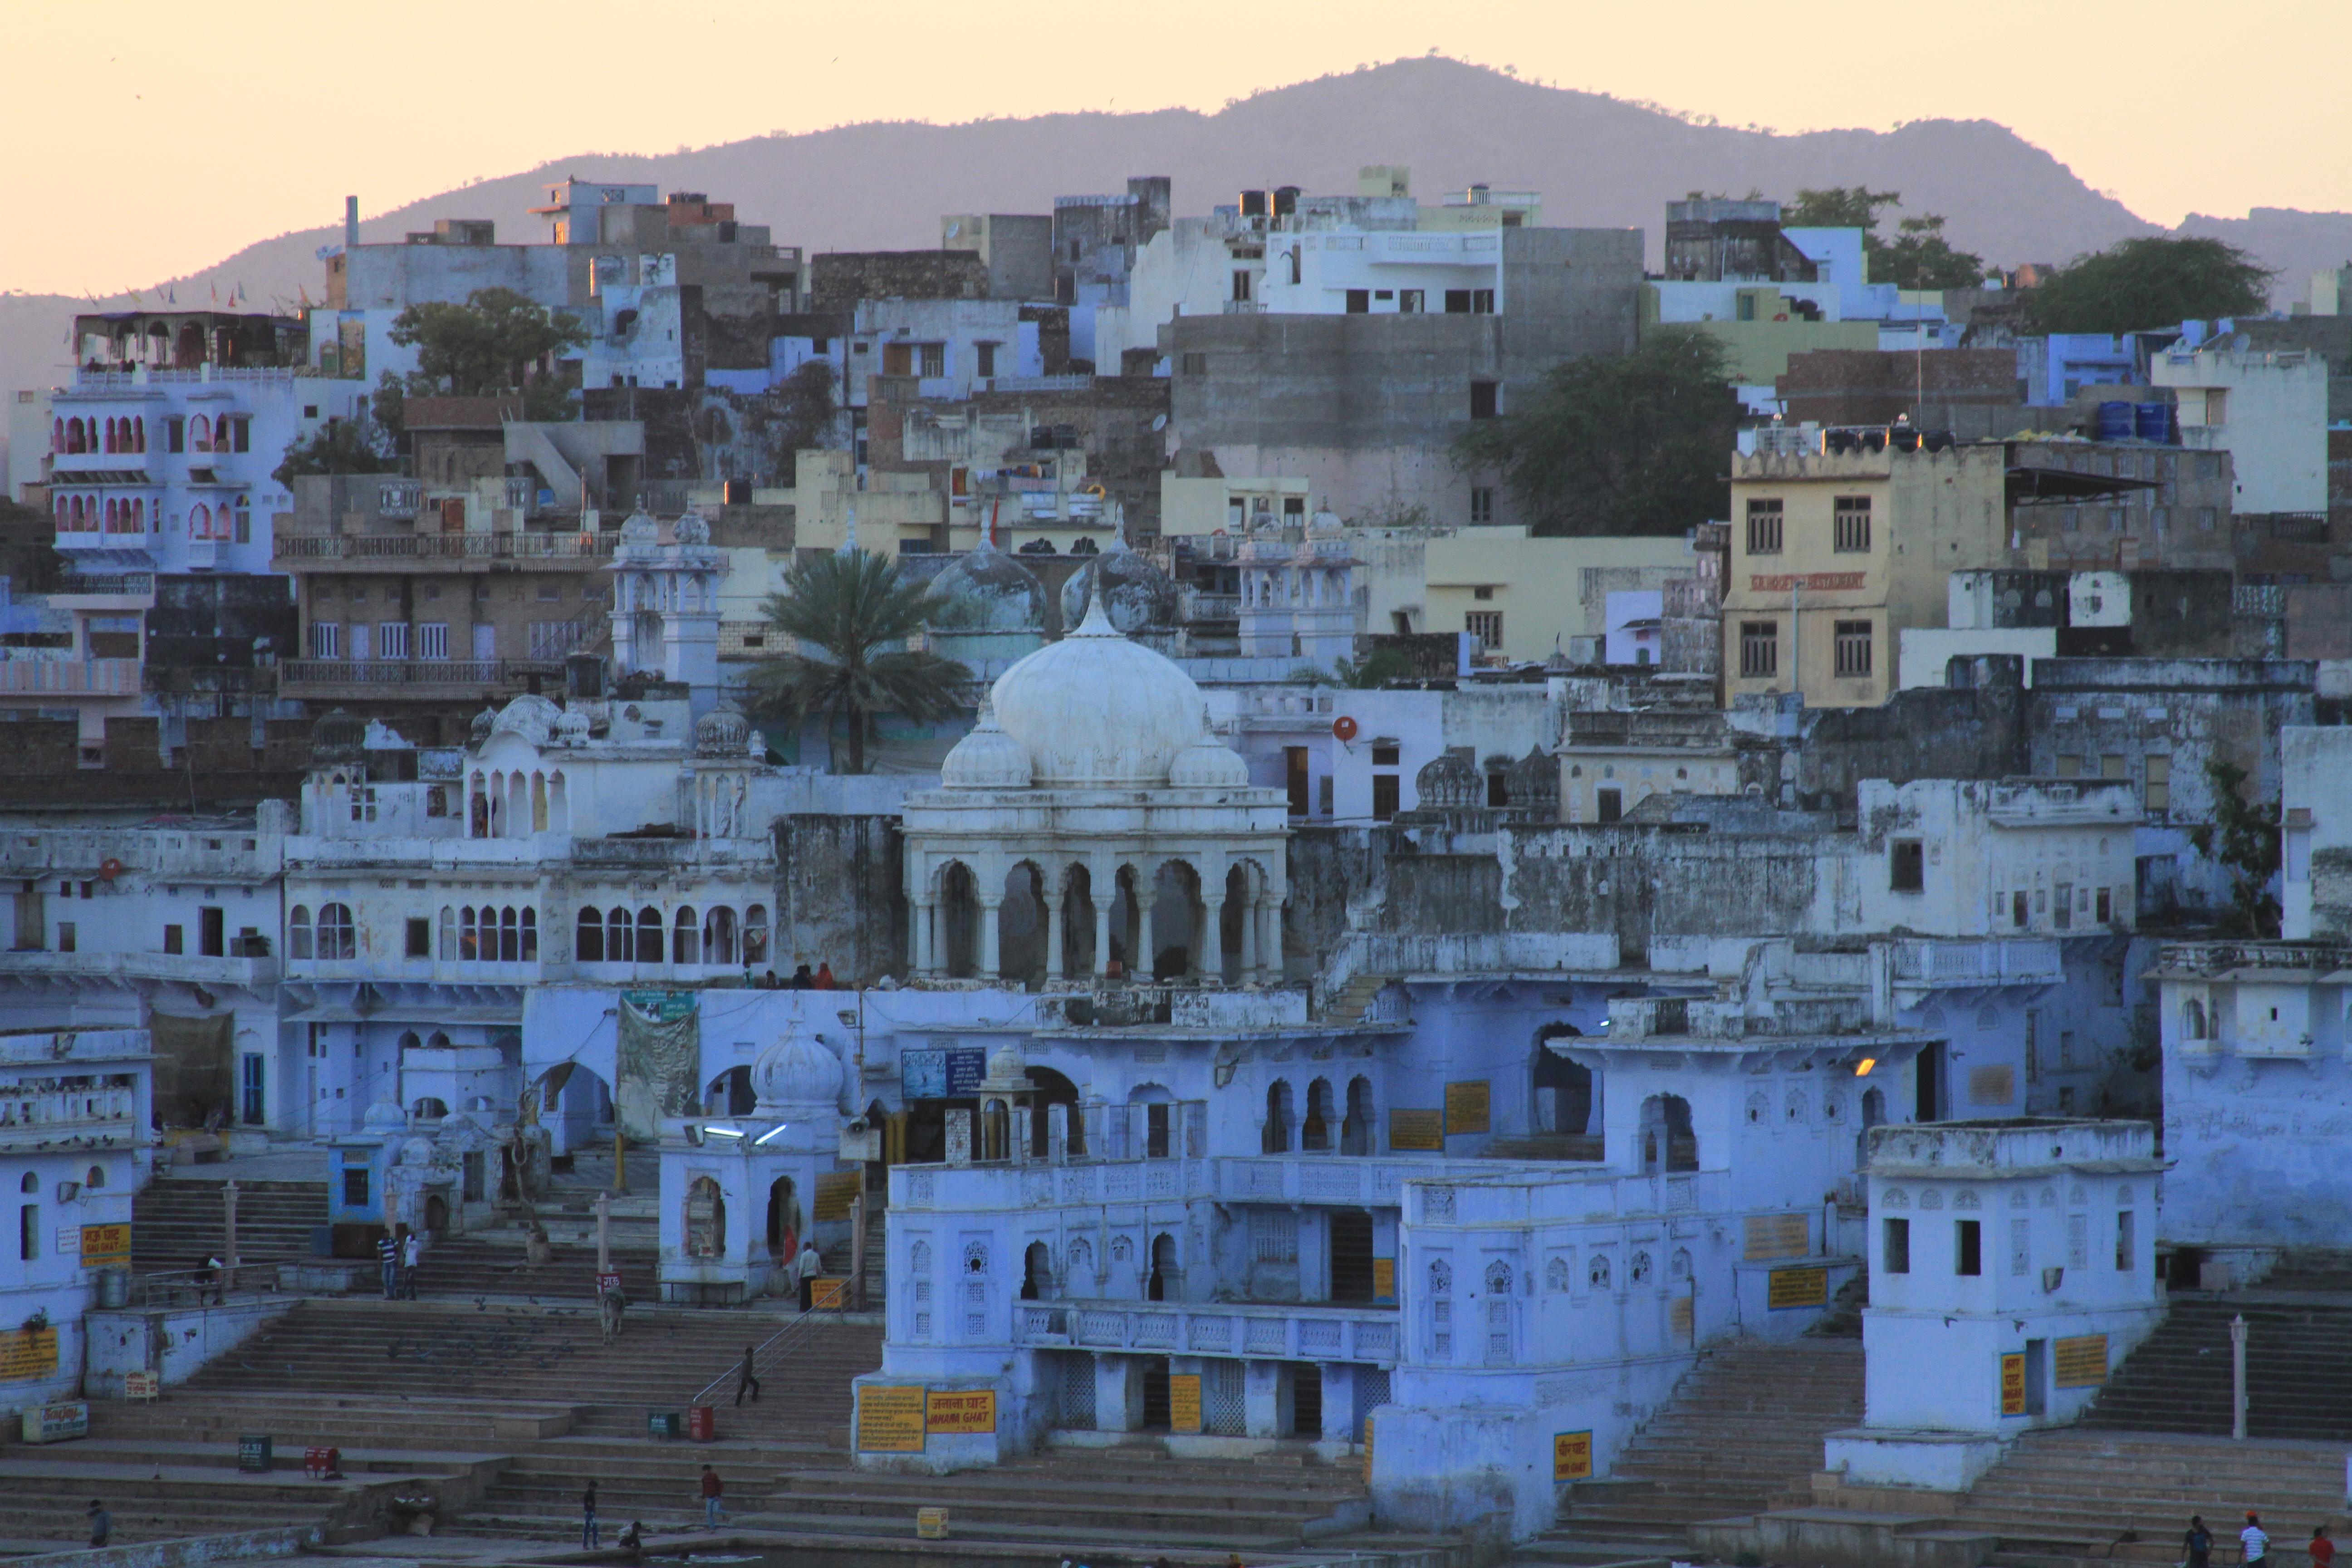 Pushkar at sunset.